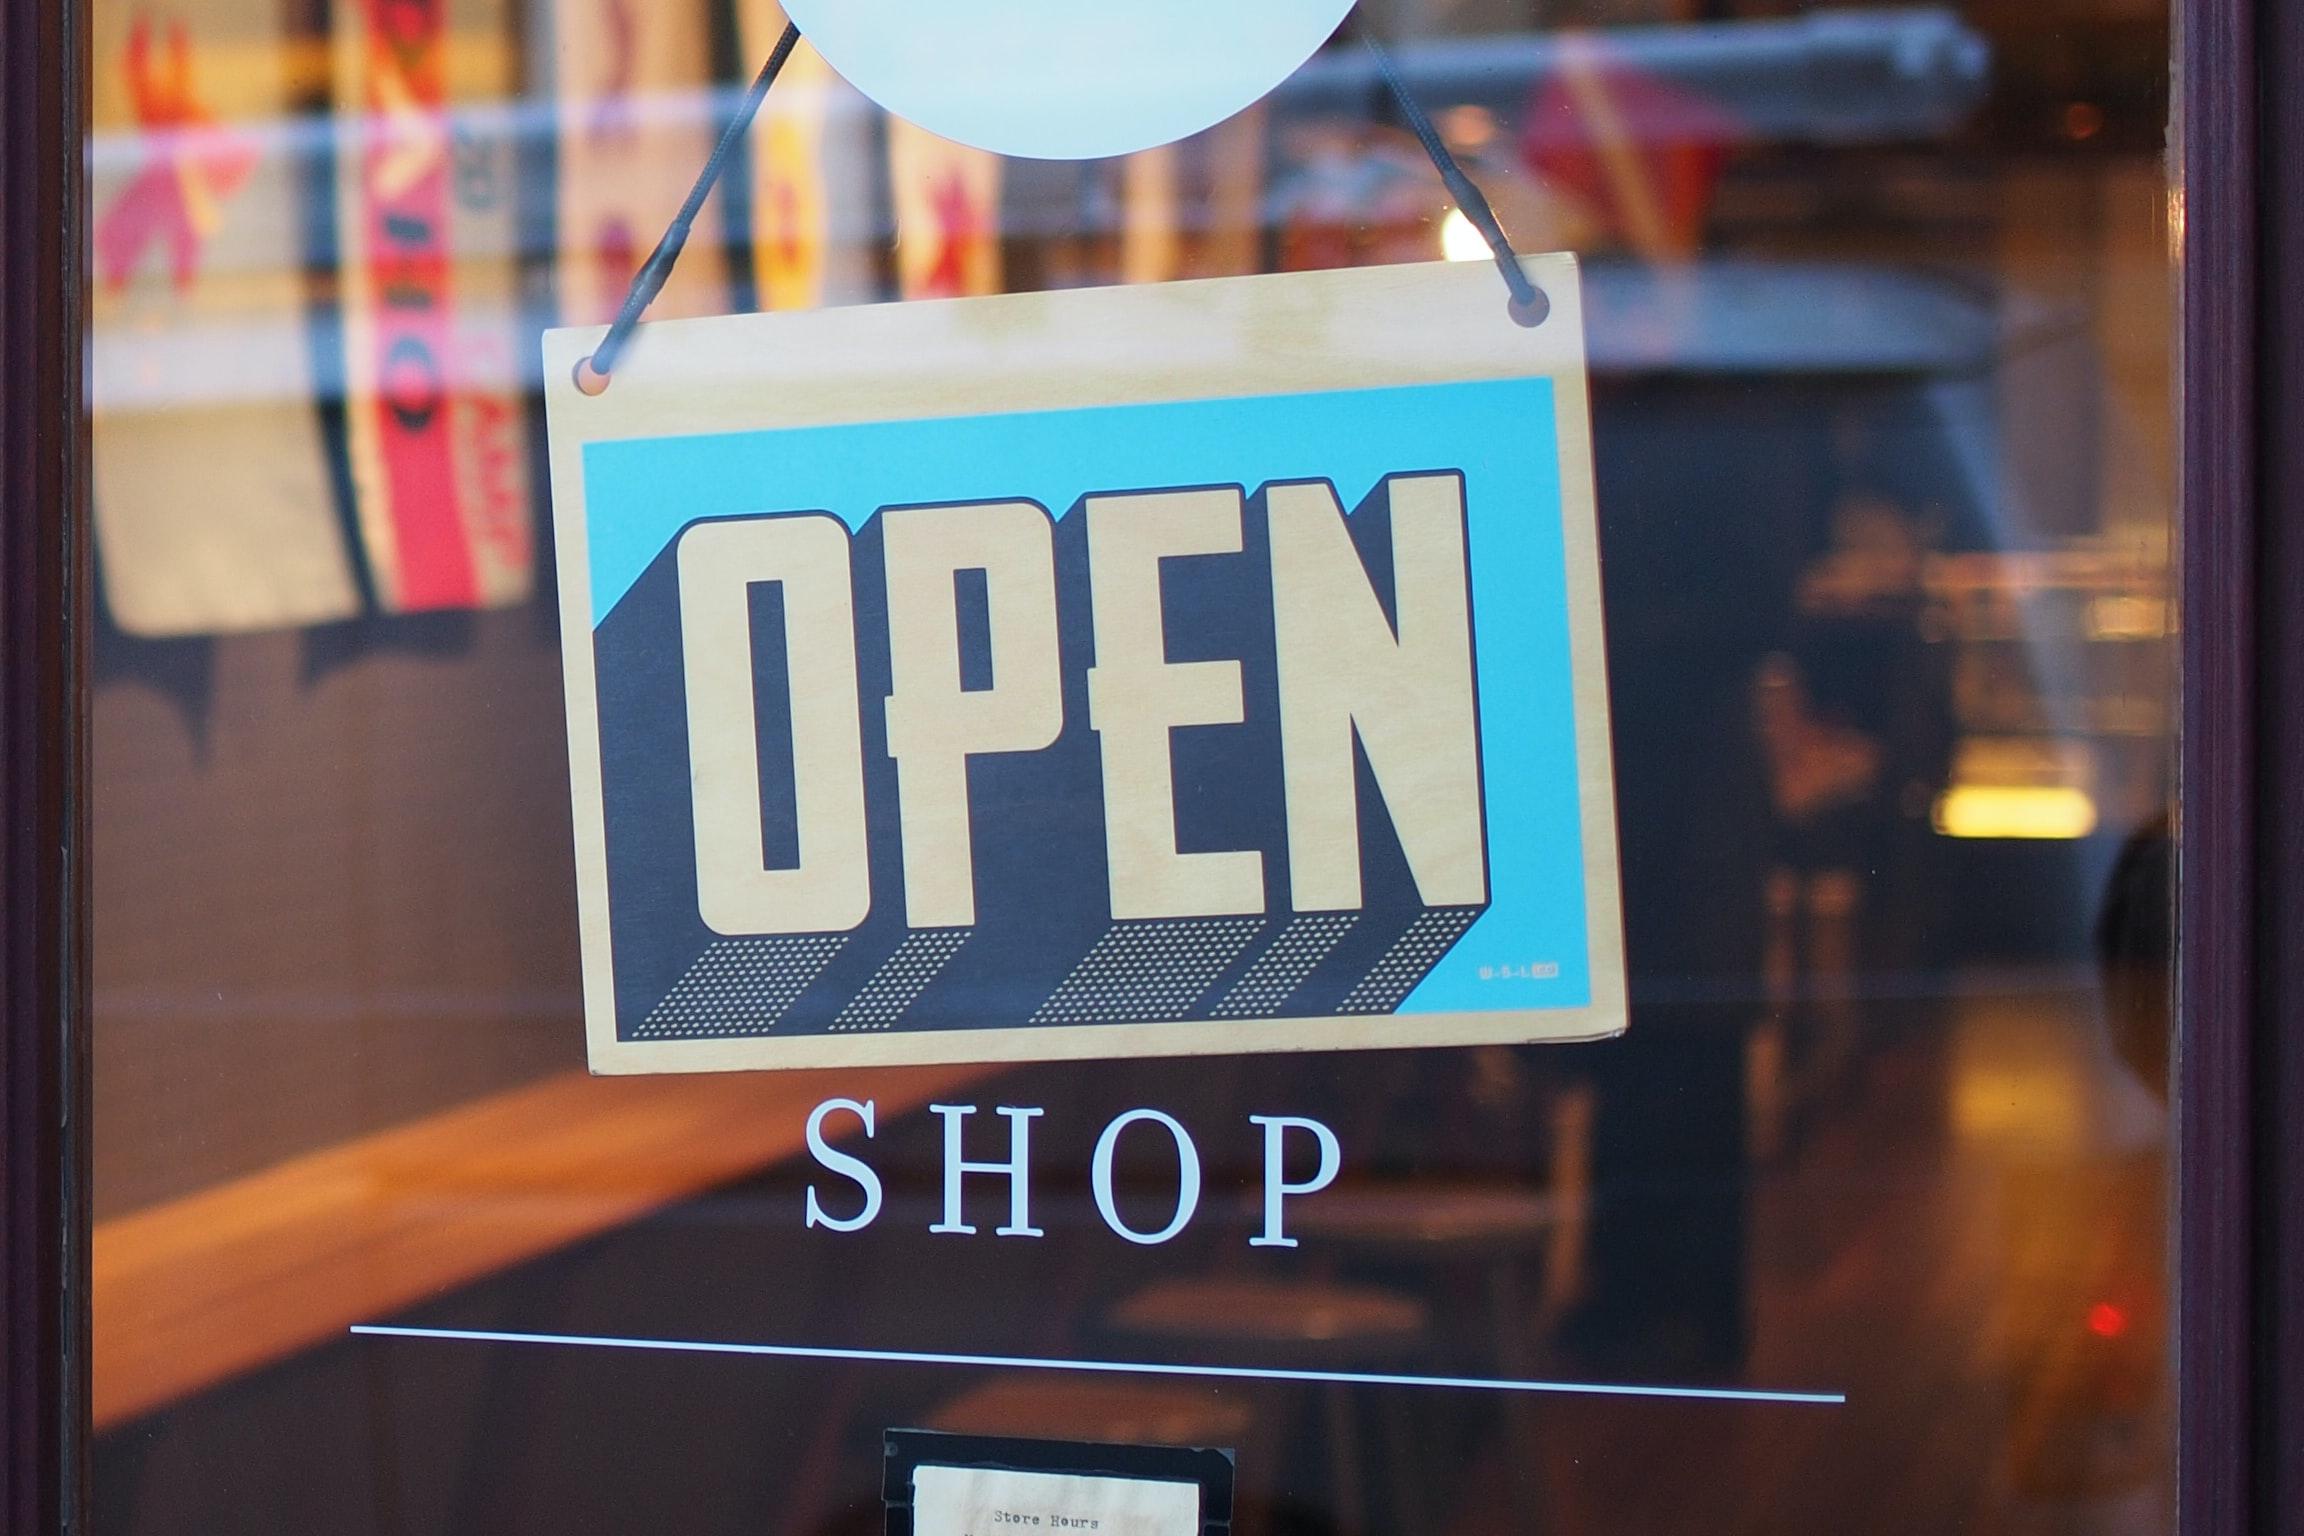 Okazja czyni złodzieja, czyli jak klienci kradną na kasach samoobsługowych?